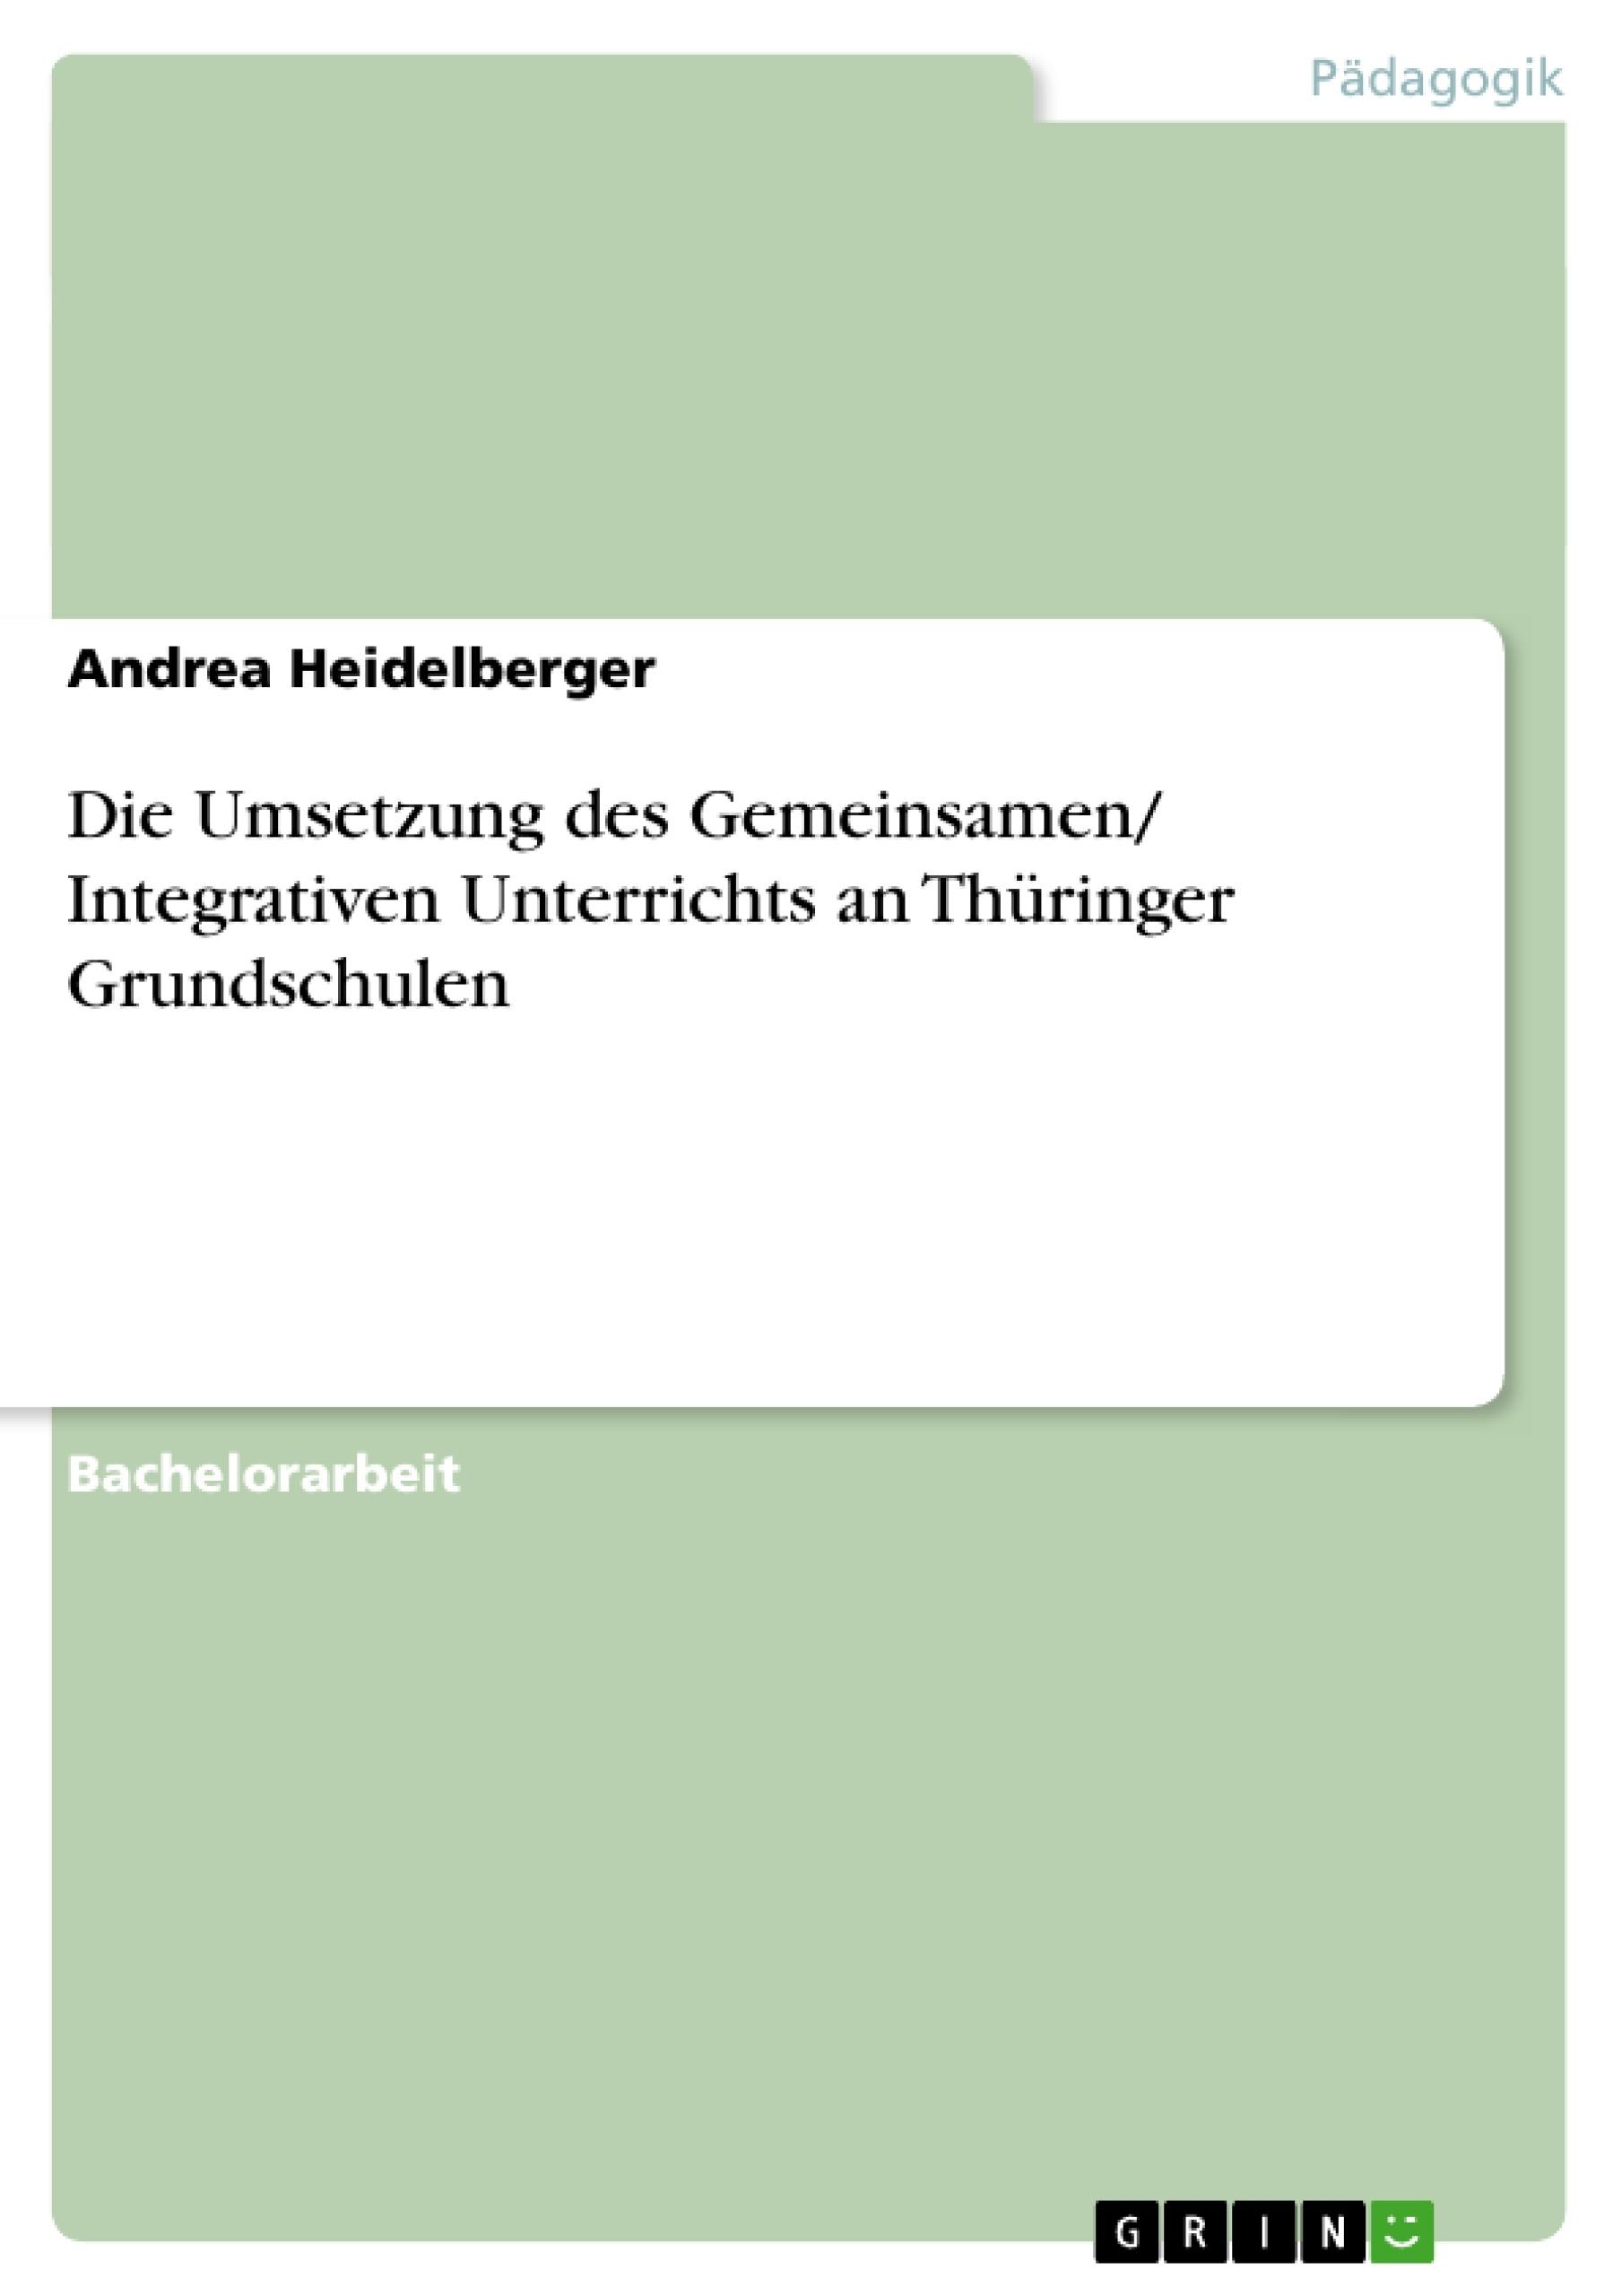 Titel: Die Umsetzung des Gemeinsamen/ Integrativen Unterrichts an Thüringer Grundschulen